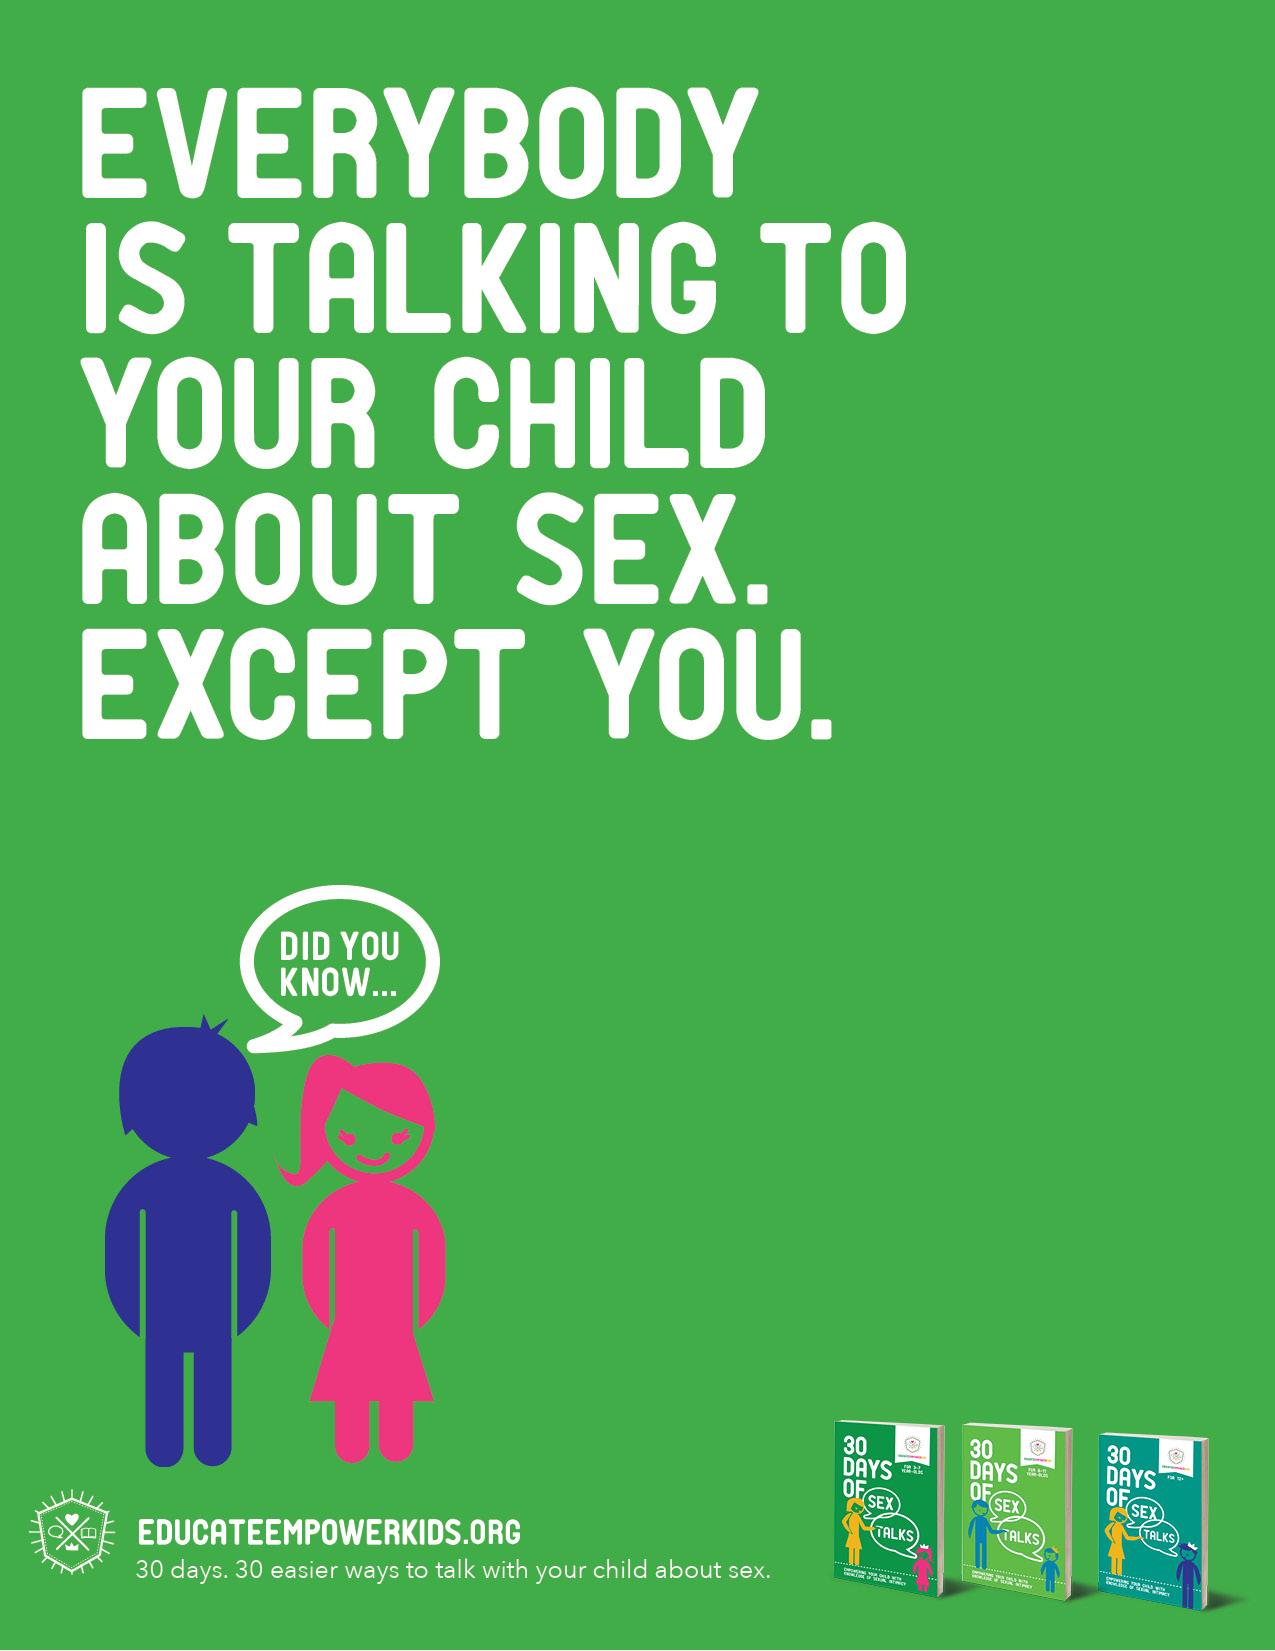 EducateEmpower_talk.jpg